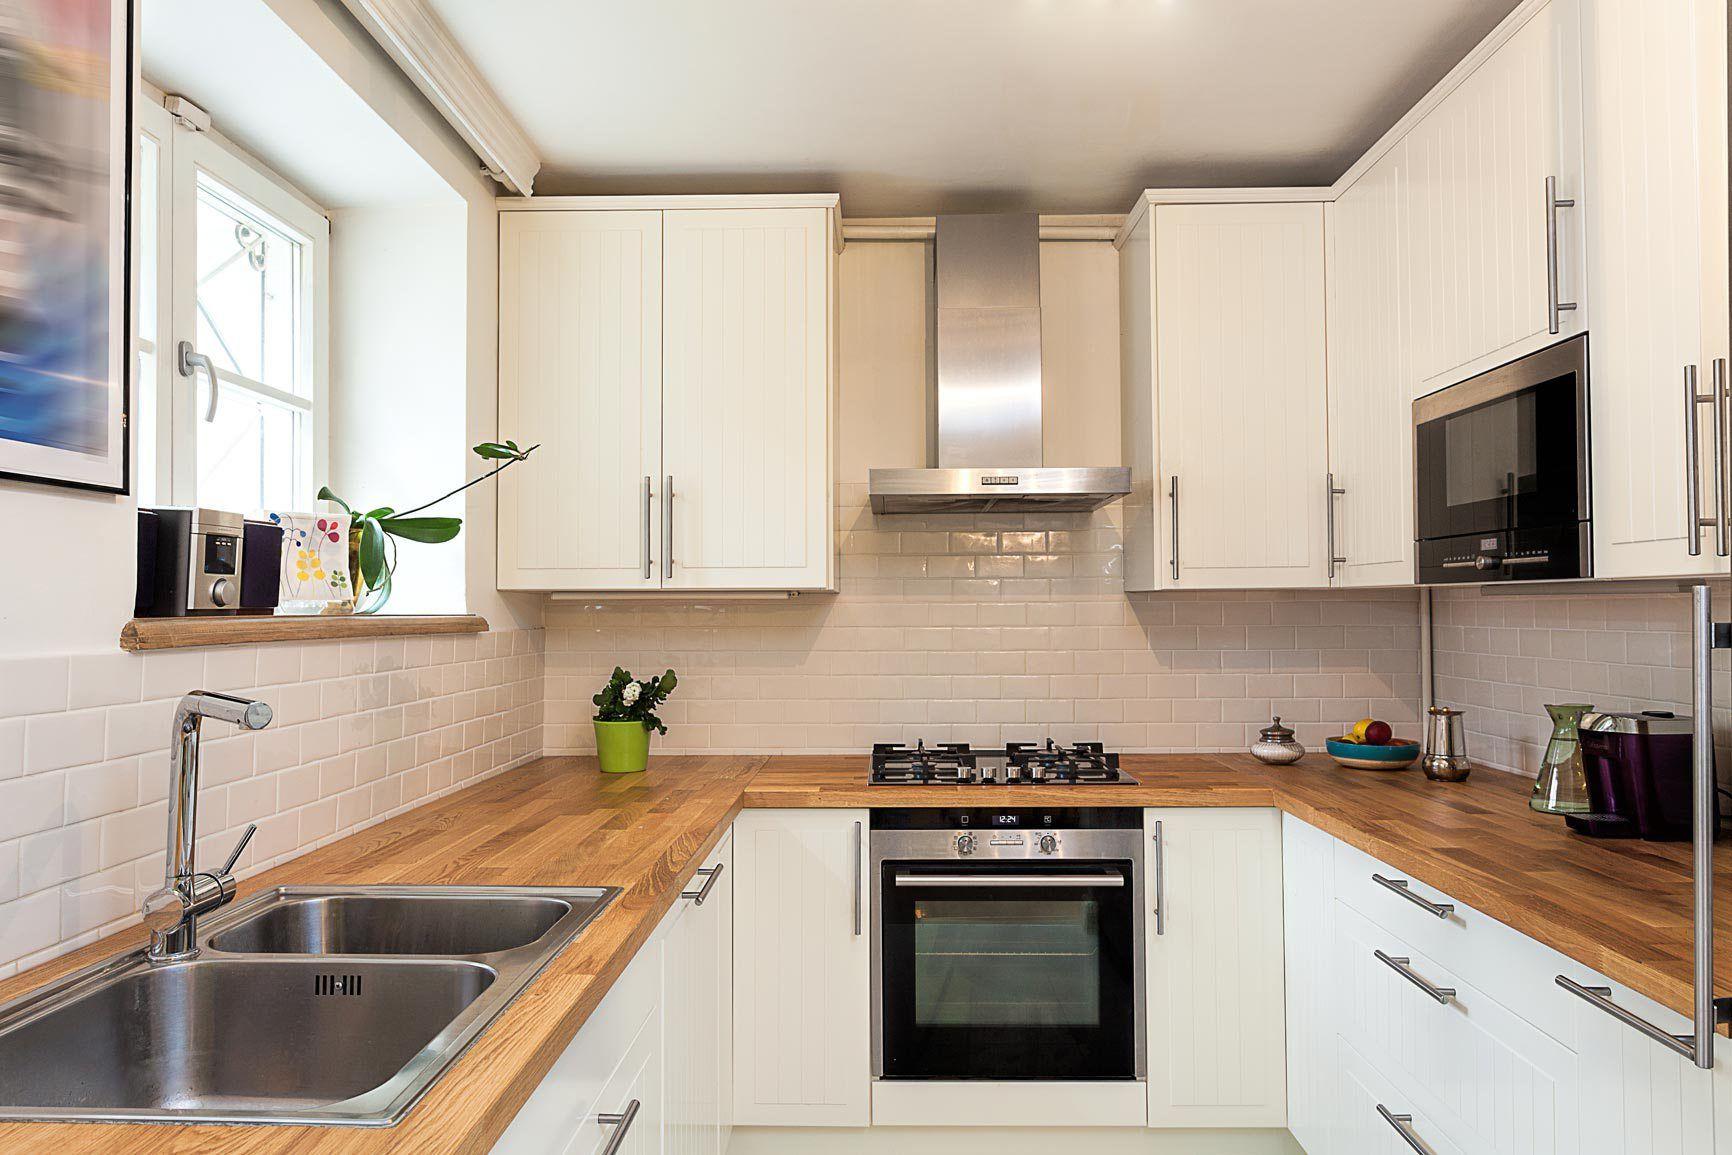 melbourne kitchen renovations kitchen renovators melbourne kitchen renovations design melbourne mod kitchens